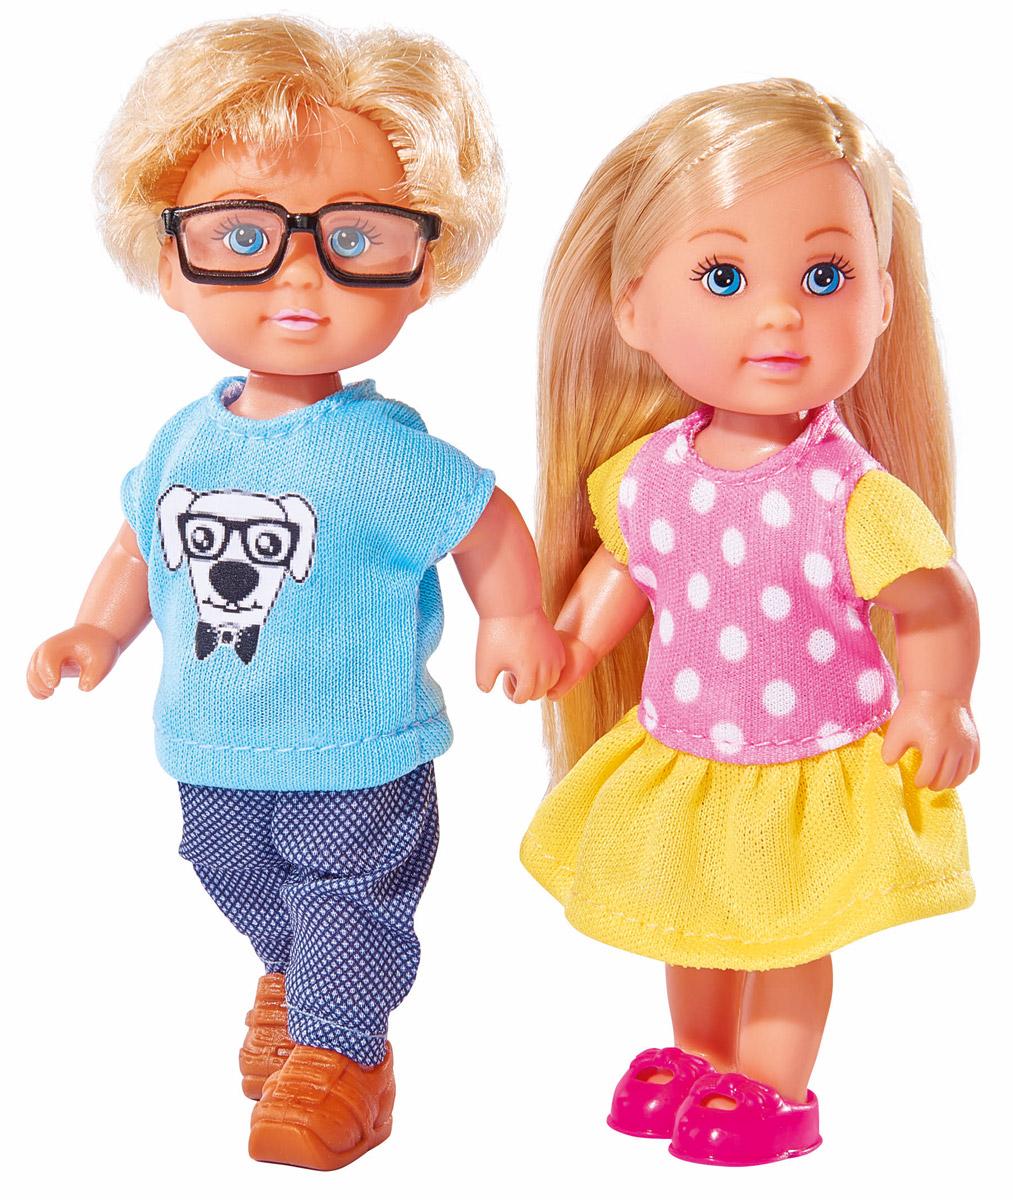 Simba Набор кукол Еви и Тимми5737113Набор кукол Simba Еви и Тимми порадует любую девочку и надолго увлечет ее. Еви и Тимми идут в школу и по пути весело проводят время вместе. Еви одета в красивое платье желтого цвета в горошек и розовые ботиночки, а ее друг - в штанишки синего цвета и голубую футболку с изображением щенка. Вашей дочурке непременно понравится заплетать длинные белокурые волосы куклы, придумывая разнообразные прически. Руки, ноги и голова кукол подвижны, благодаря чему им можно придавать разнообразные позы. Игры с куклами способствуют эмоциональному развитию, помогают формировать воображение и художественный вкус, а также разовьют в вашей малышке чувство ответственности и заботы. Великолепное качество исполнения делают этих кукол чудесным подарком к любому празднику.